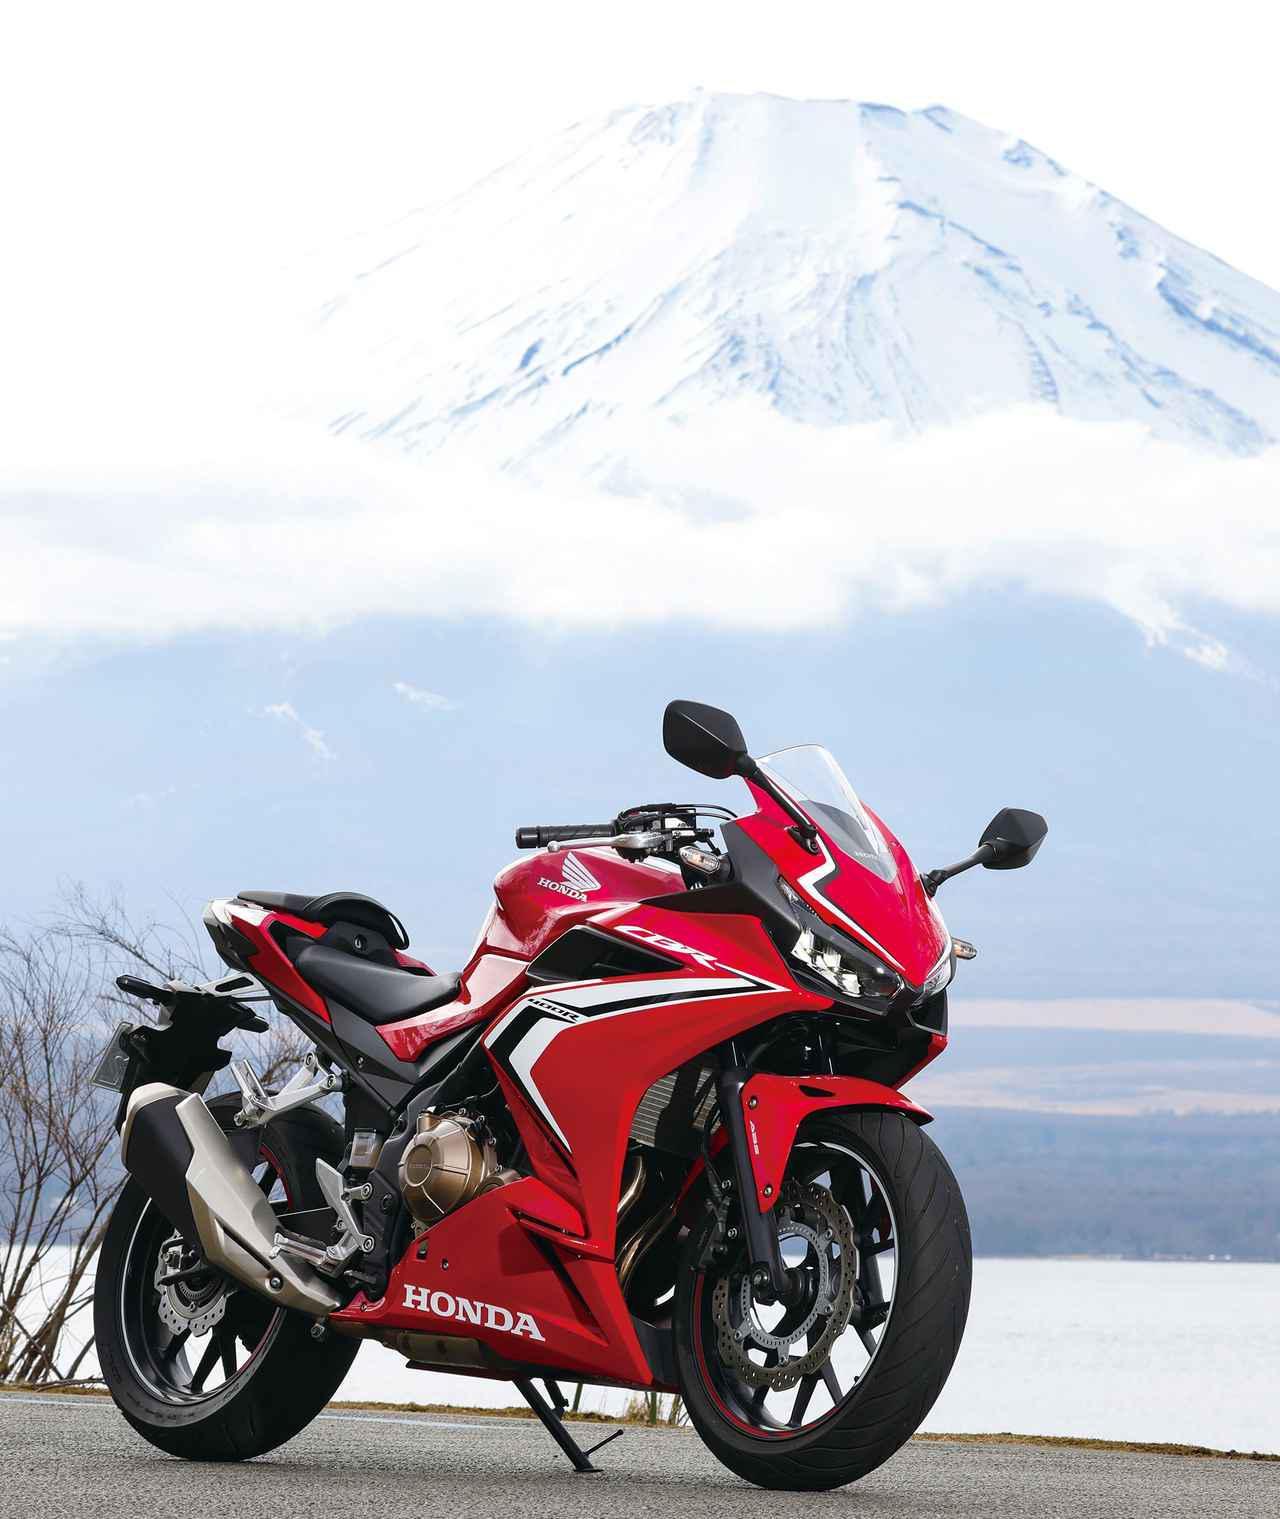 画像1: ホンダ「CBR400R」ツーリング・インプレ 400ccのメリットとは? ミドルクラス2気筒スポーツの存在意義を考える【現行車再検証】